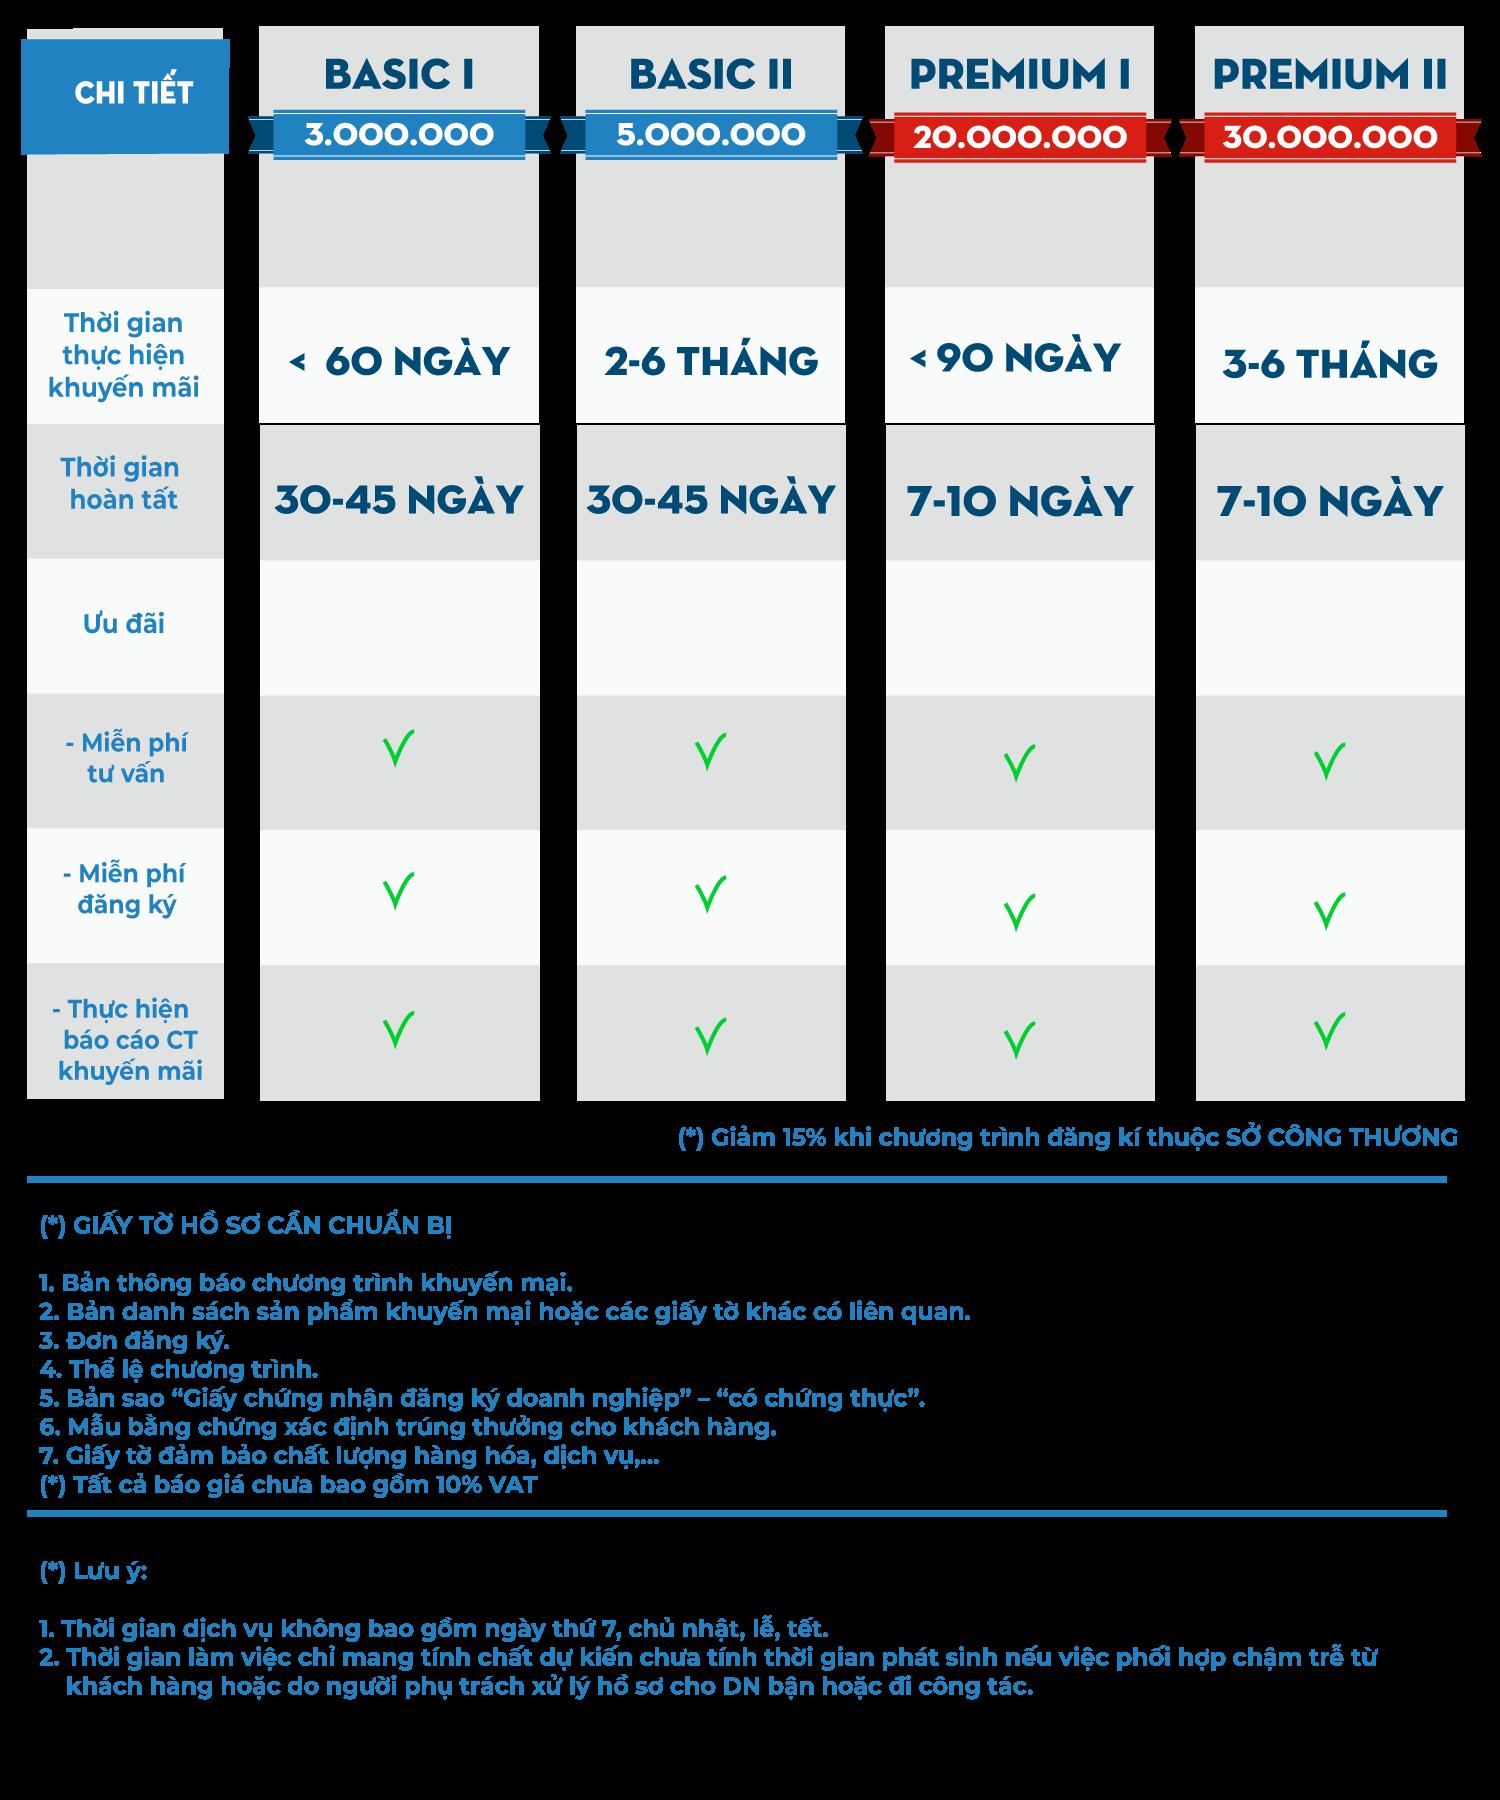 Bảng giá đăng ký chương trình khuyến mãi